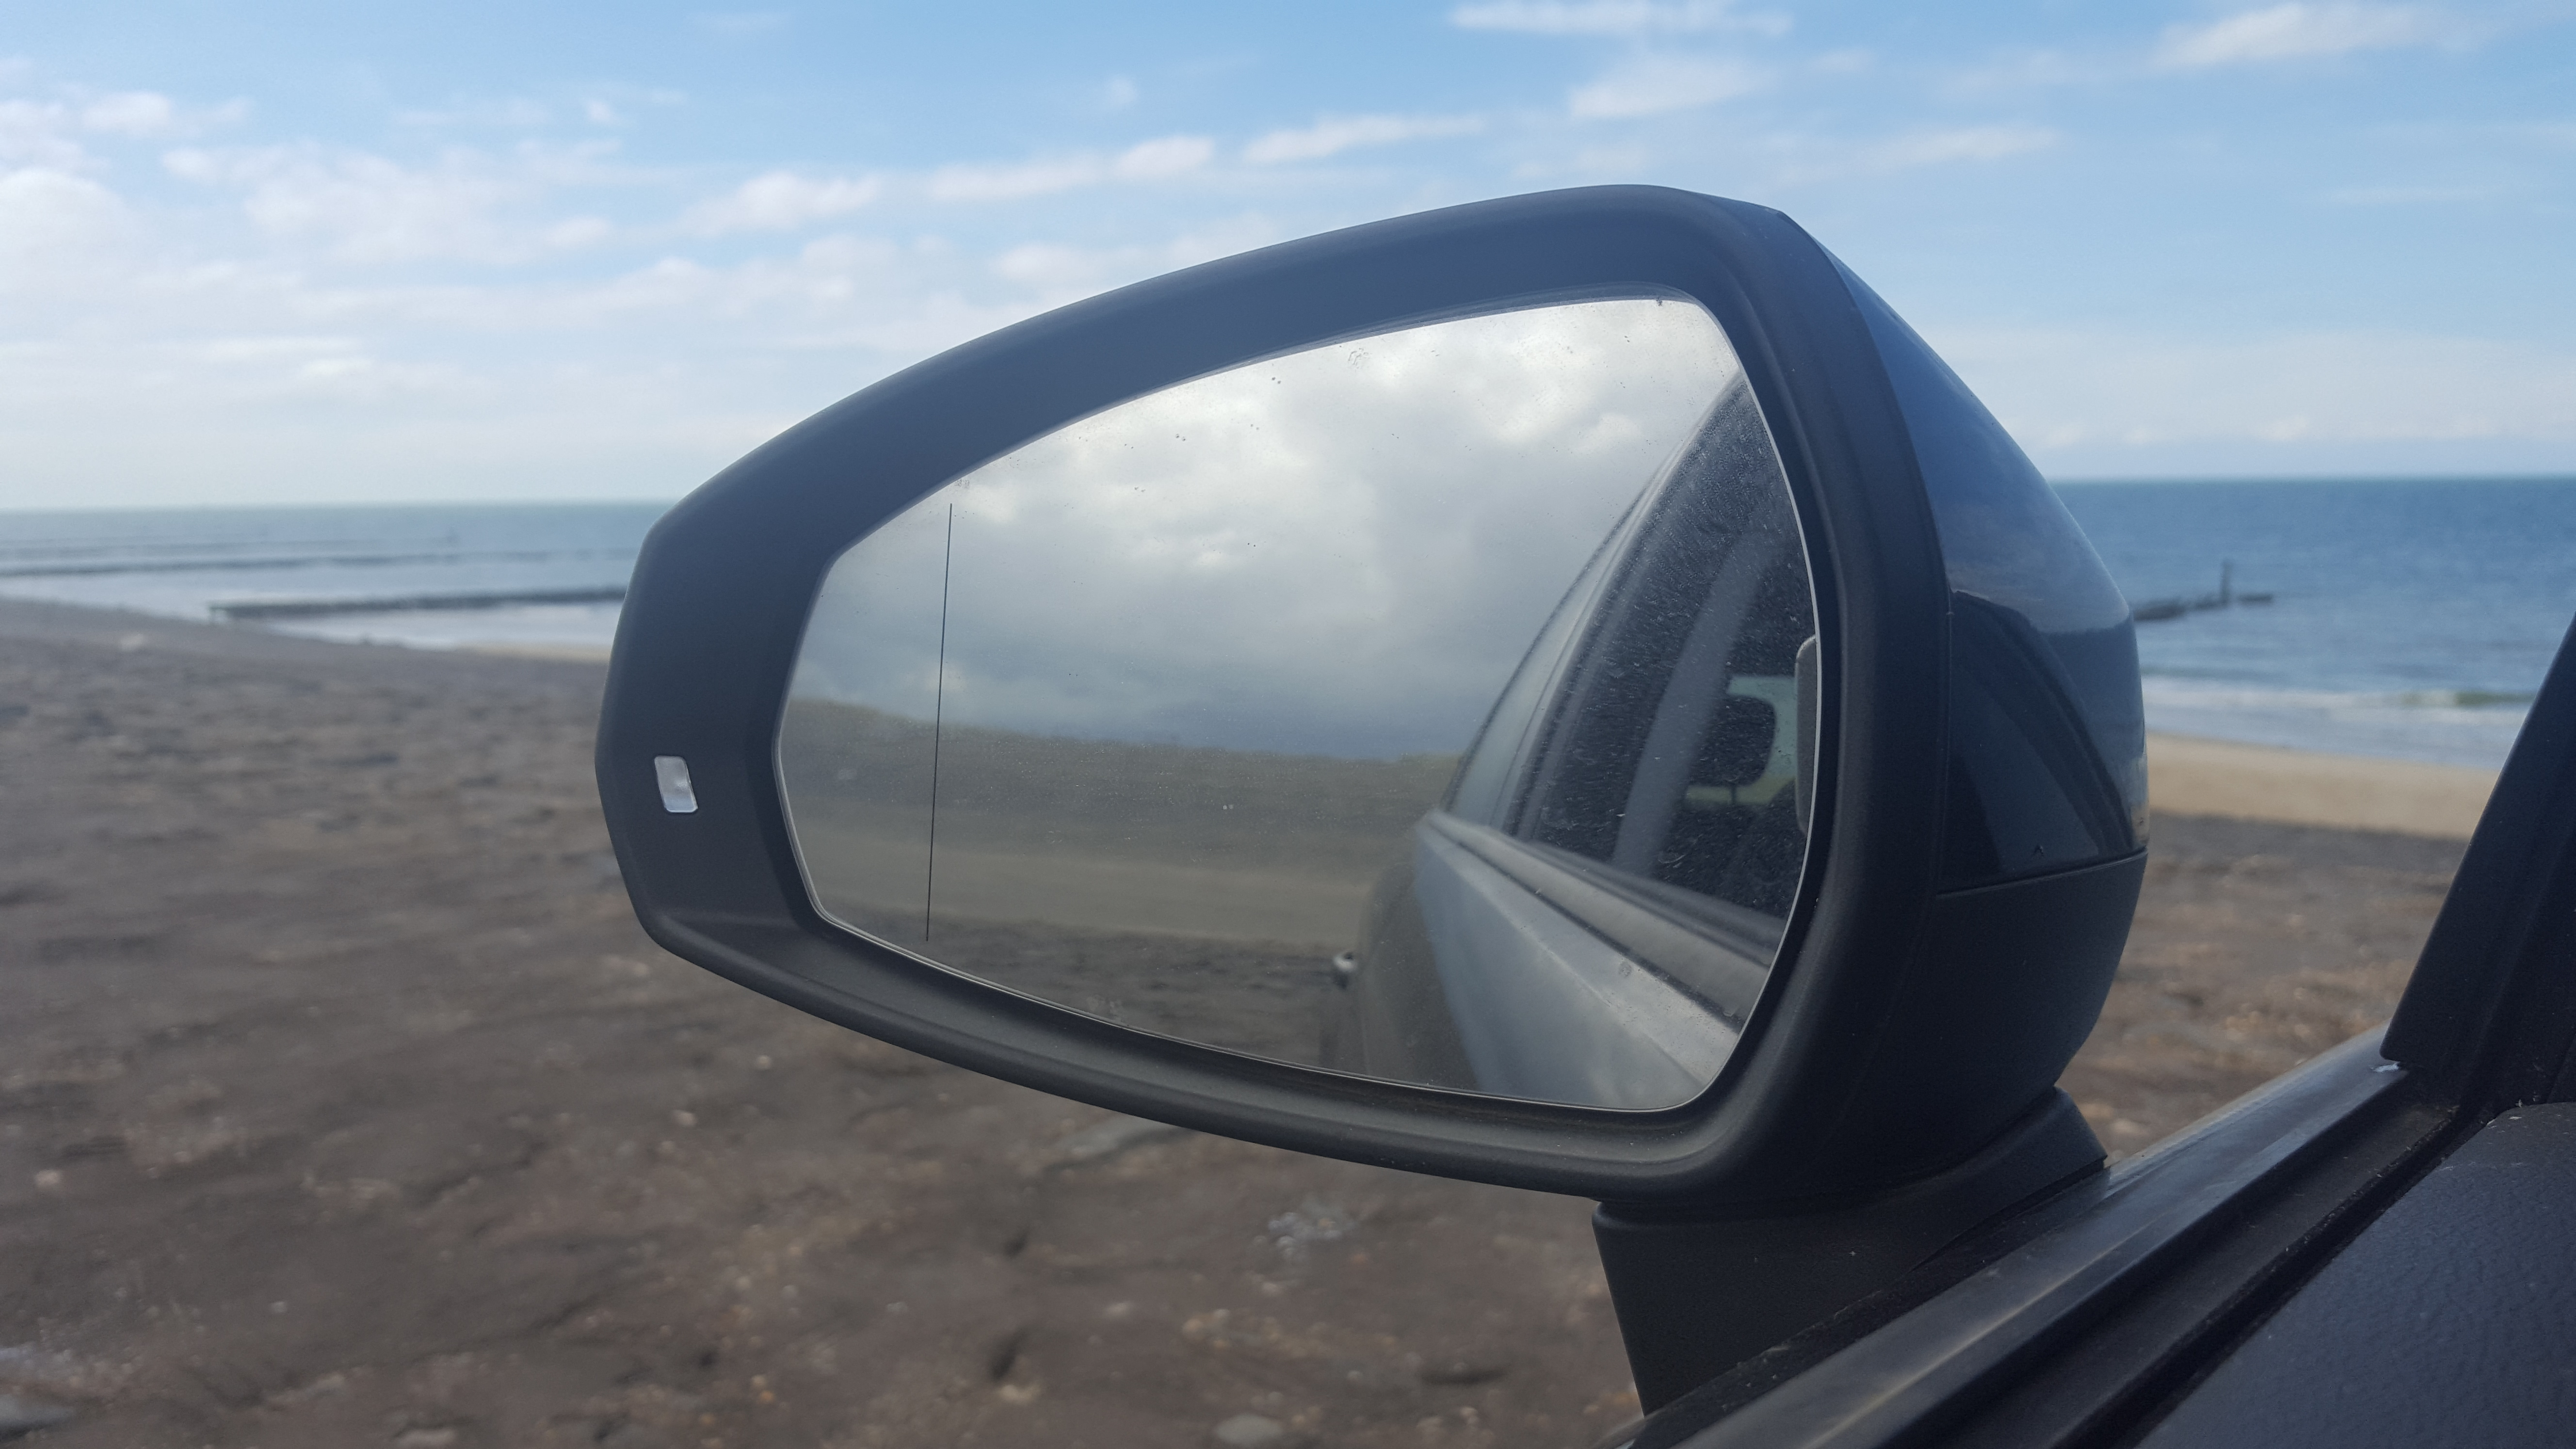 Zoutelande_meer_nordsee_Zeeland_reise-blog_oceanblue-style